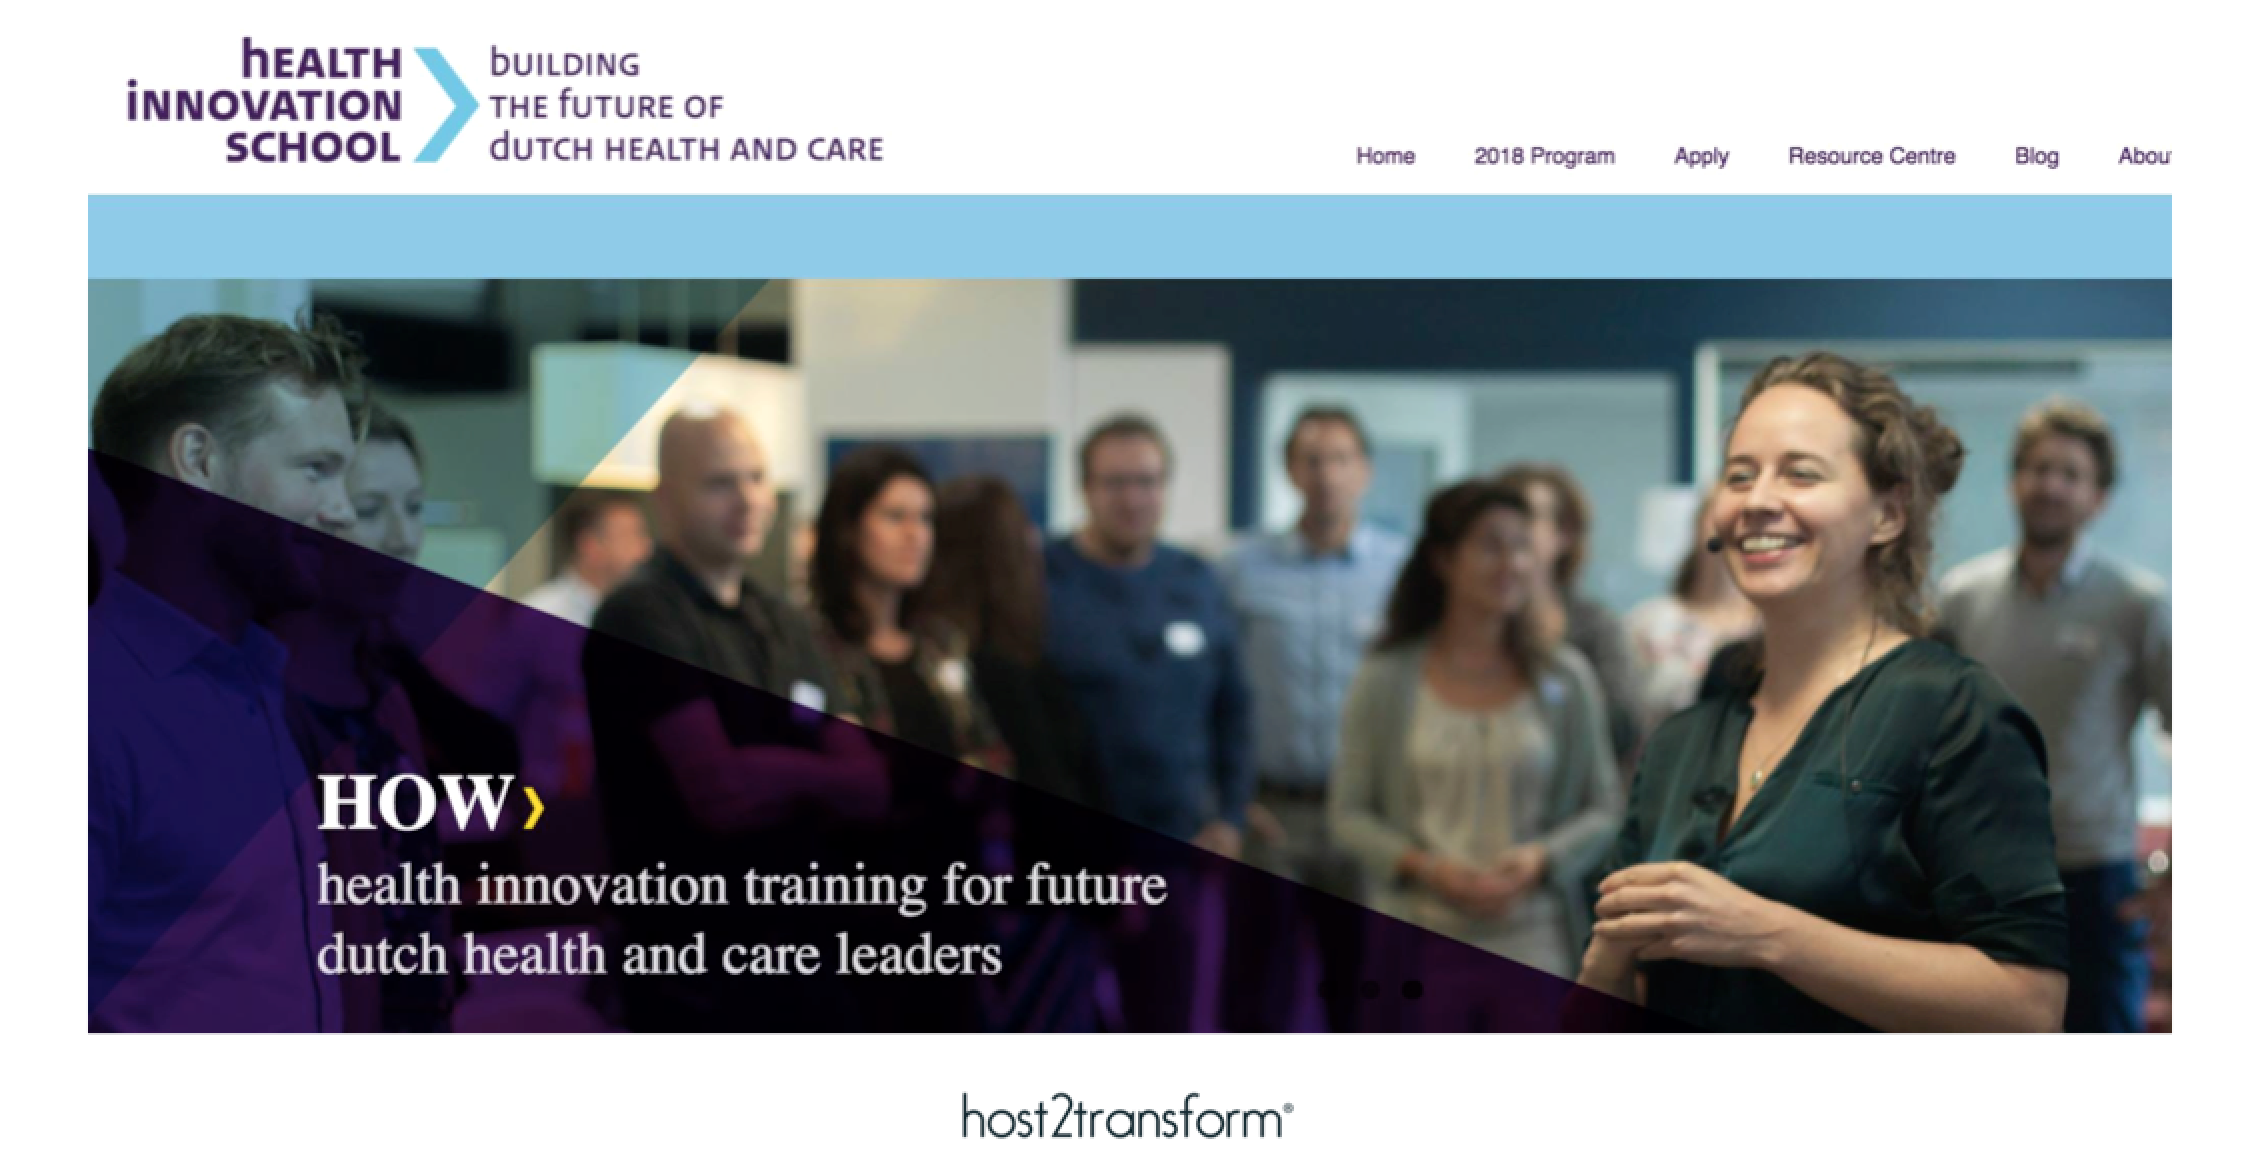 HOST at the Health Innovation School Radboud University Nijmegen